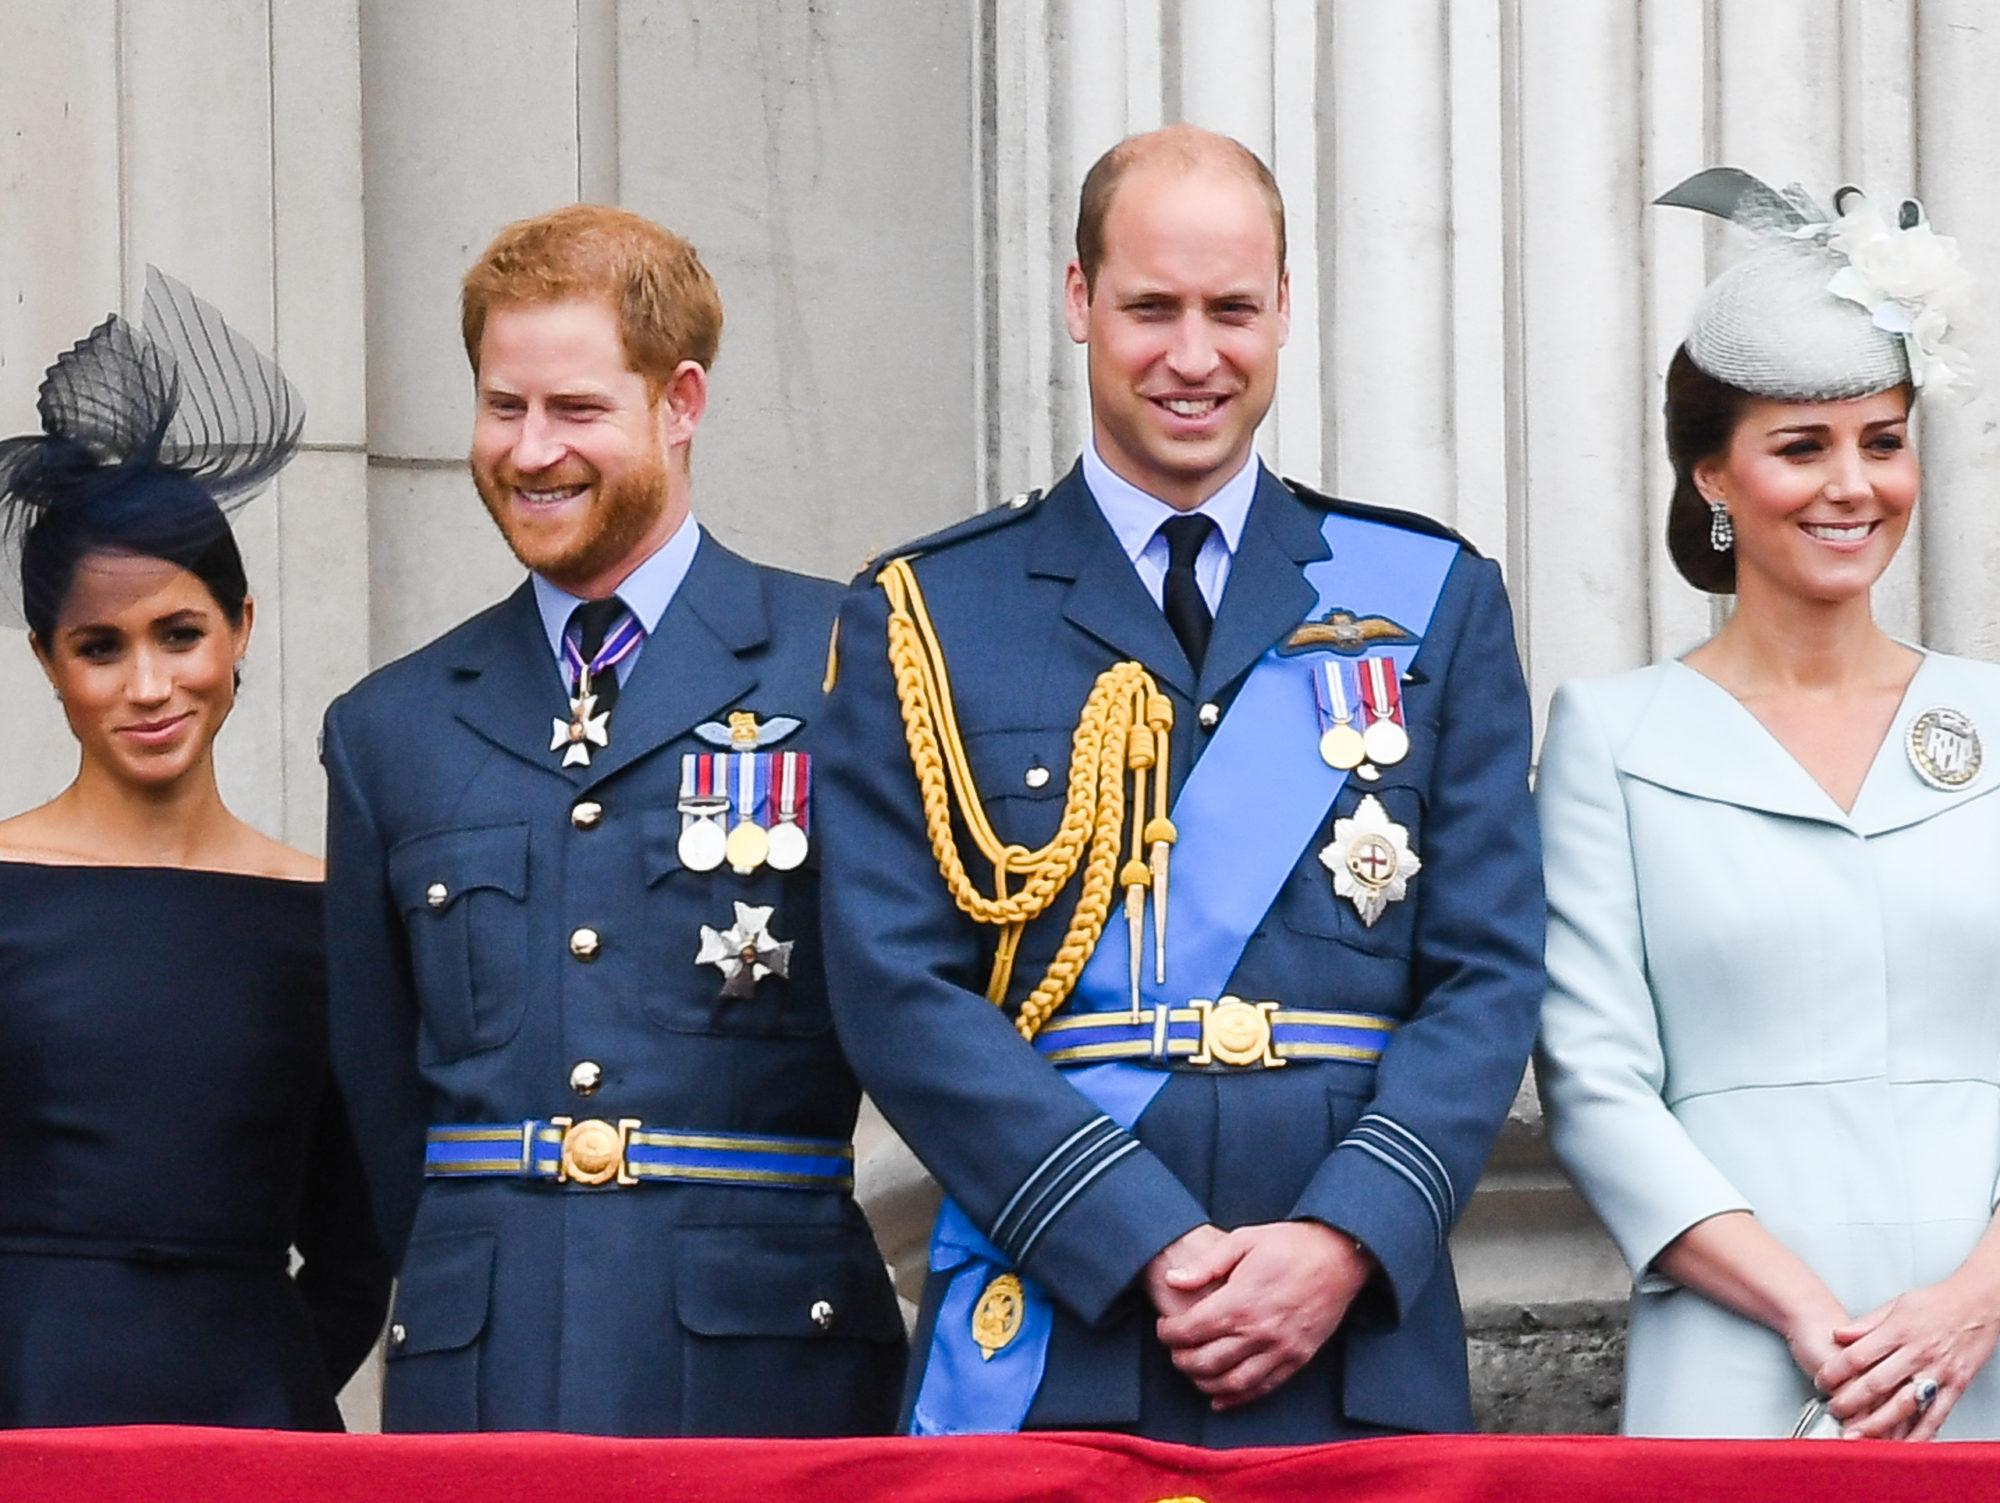 Они просто потрясены — королевский инсайдер о реакции герцогов Кембриджских на интервью принца Гарри и Меган Маркл